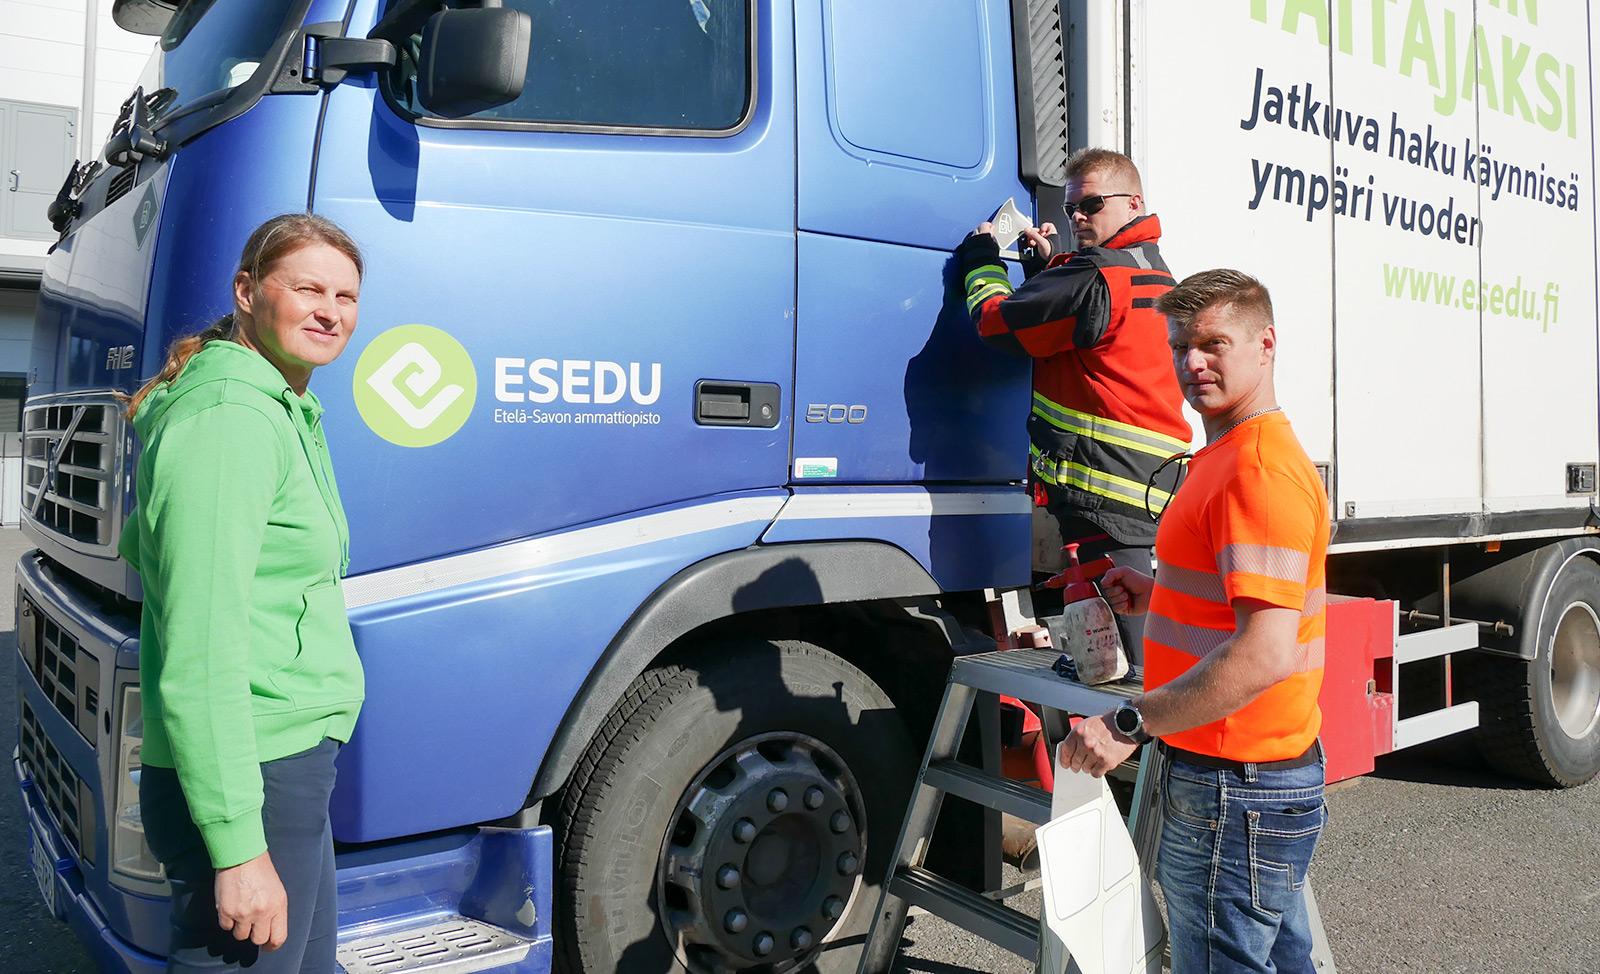 Kuvassa vasemmalla Esedun koulutuspäällikkö Kirsi Malmstedt, keskellä teippaamassa CTIF:n ISO 17840 -projektin suomalaisedustaja Mikko Saastamoinen ja oikealla Esedun liikenneopettaja Tuomas Tiusanen.